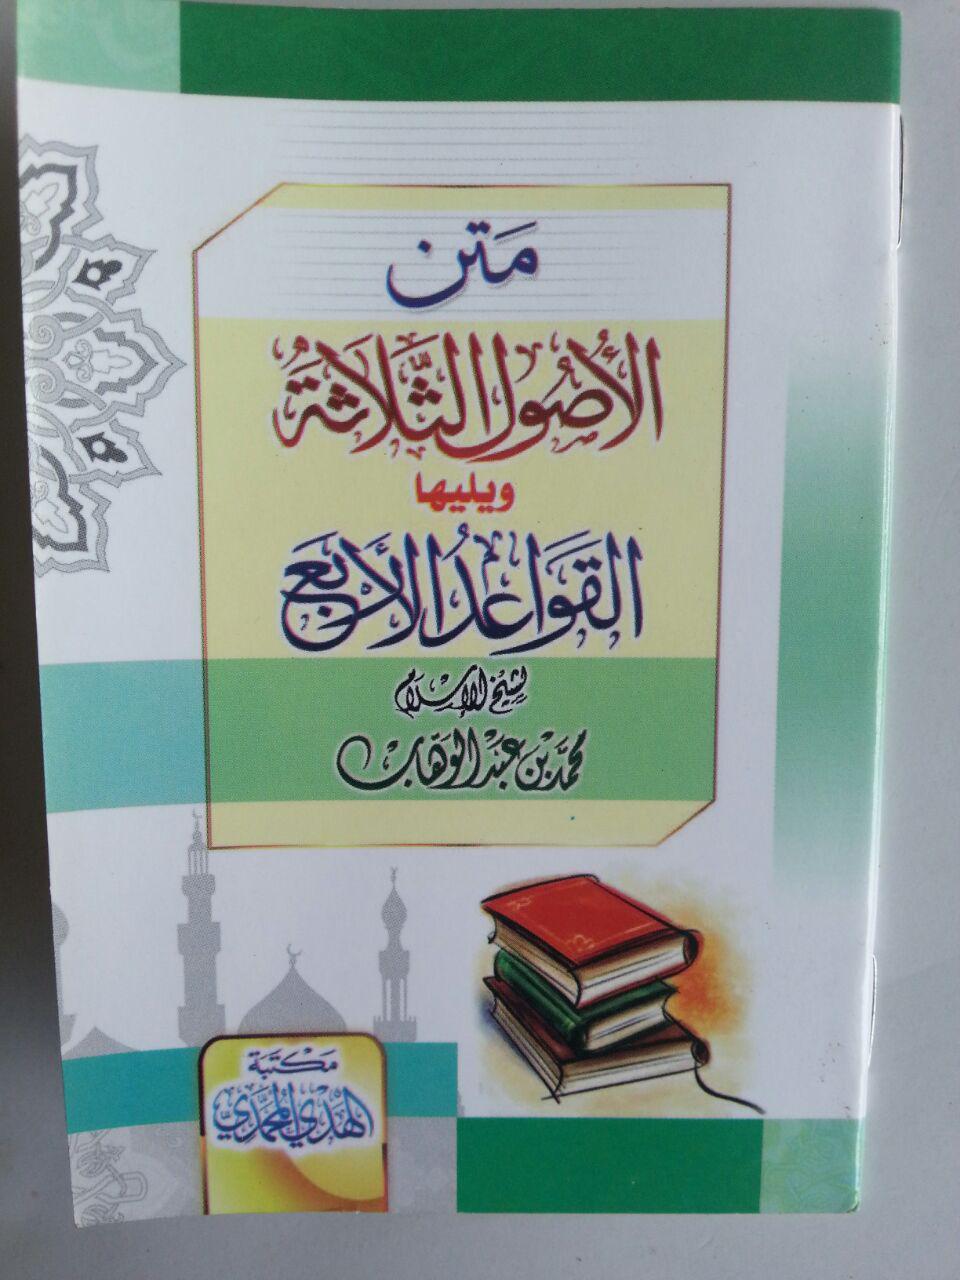 Kitab Matan Al-Ushul Ats-Tsalatsah Dan Al-Qowaid Al-Arba cover 2